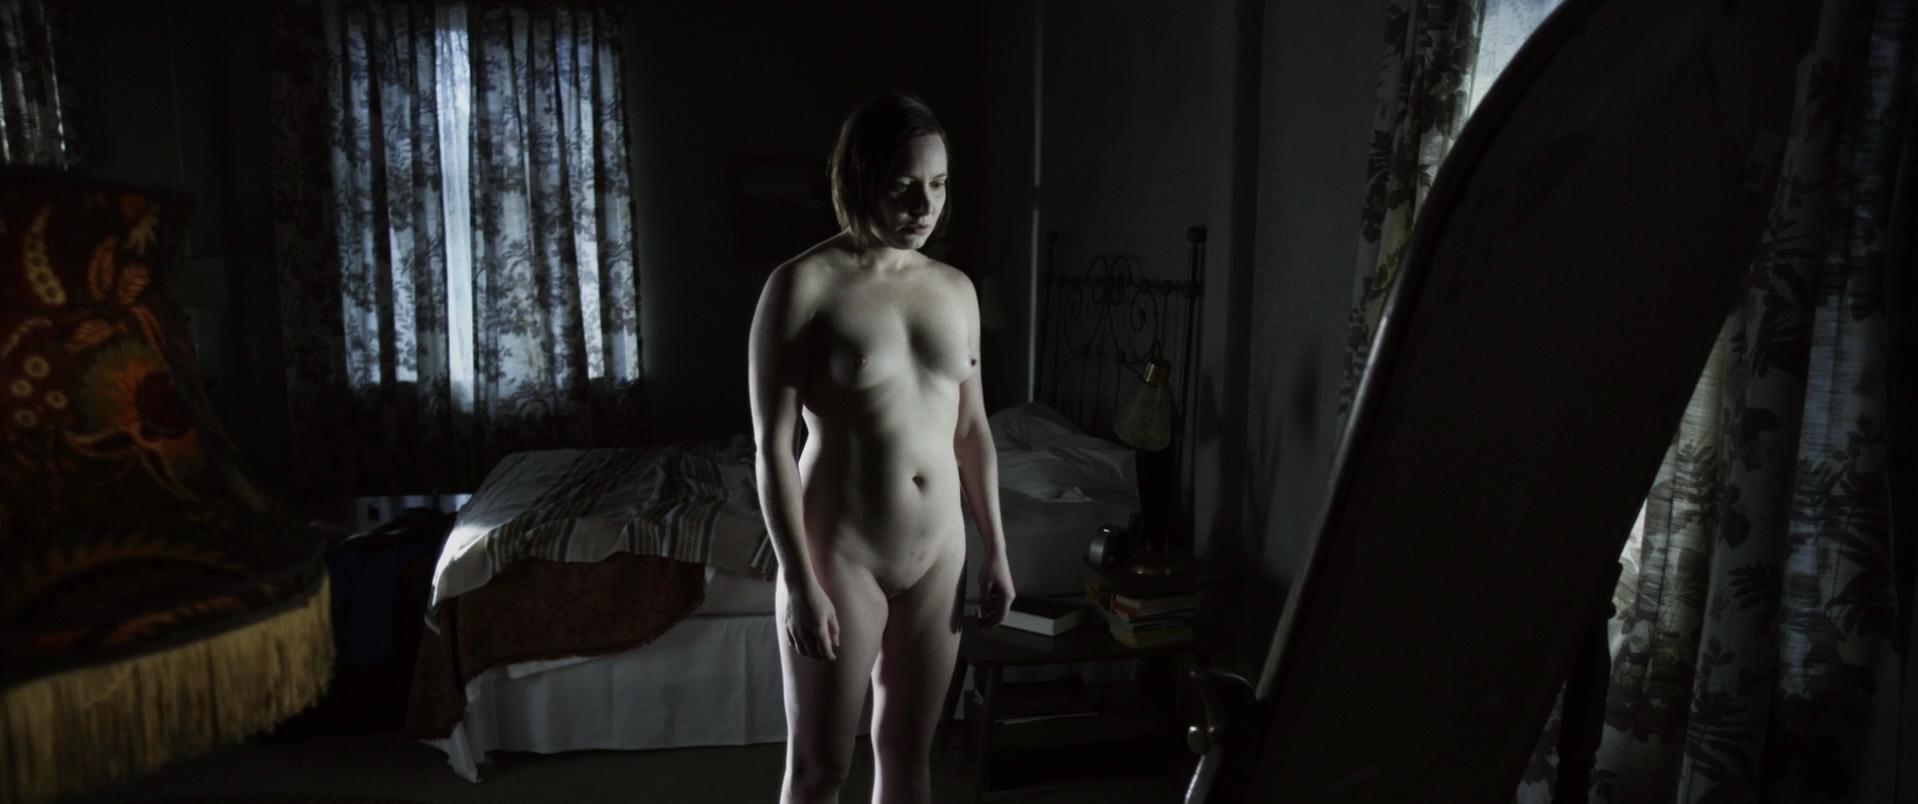 Victoria Bidewell nude - Comforting Skin (2011)